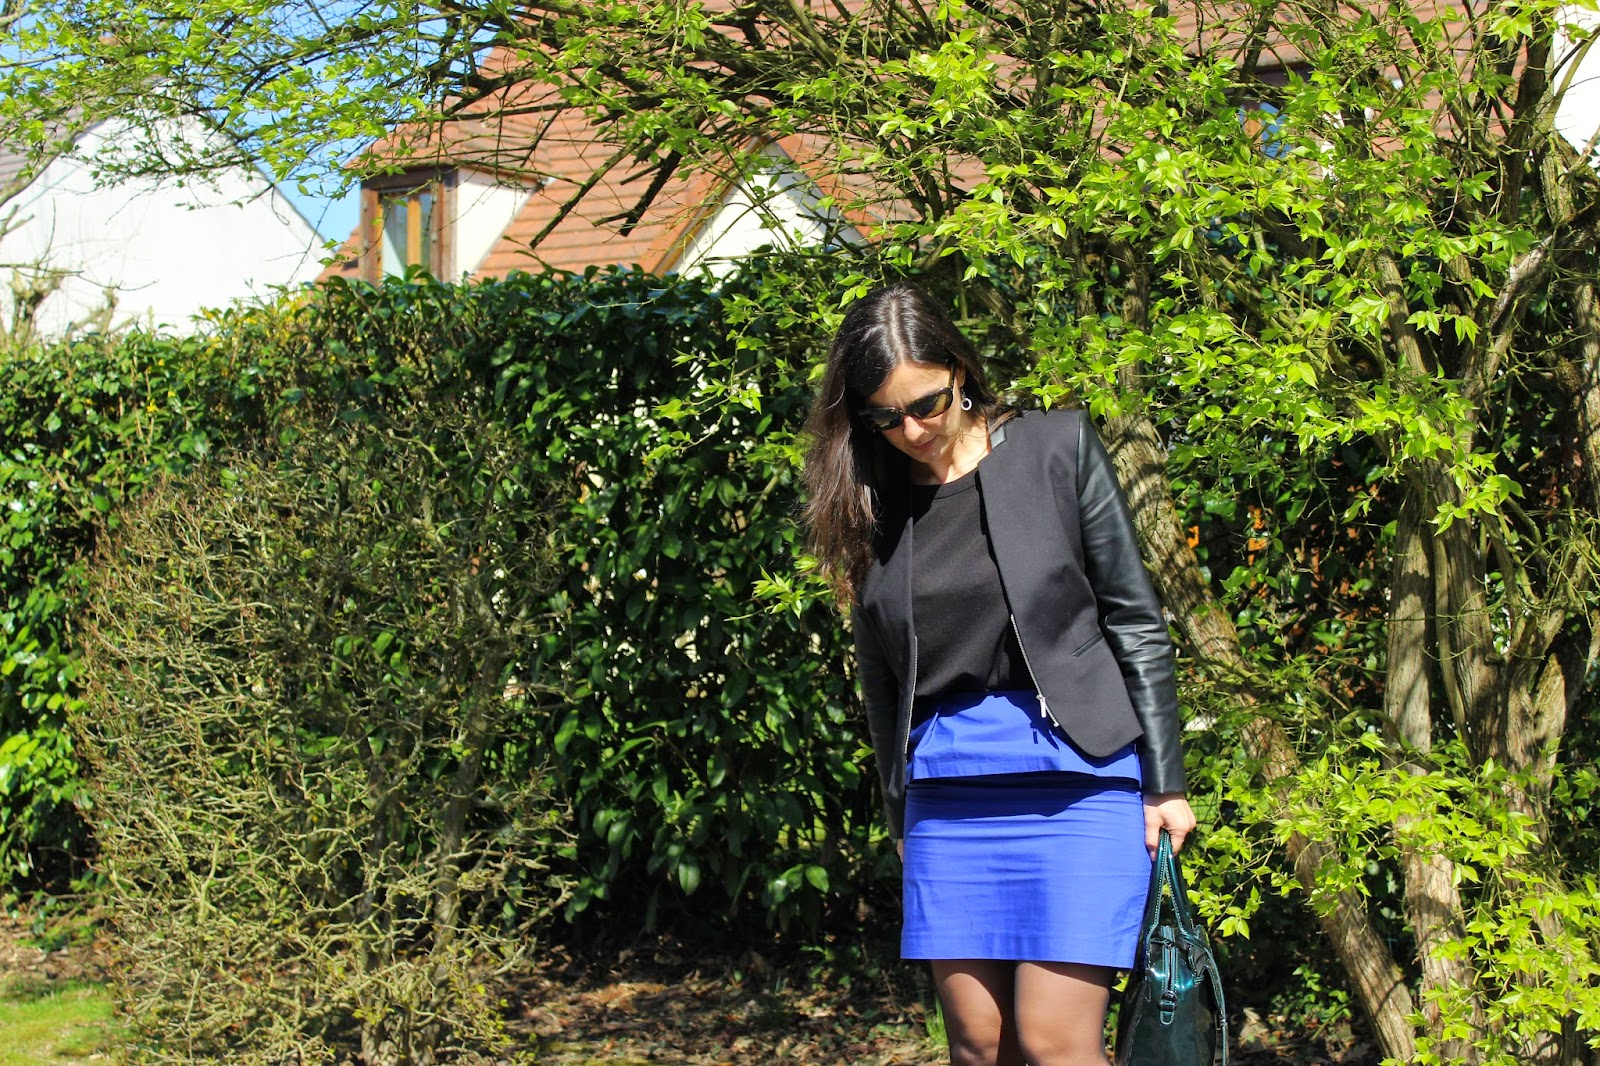 Jupe peplum bleue comptoir des cotonniers, veste bi-matière naf naf, lunette rayban, sac clarks